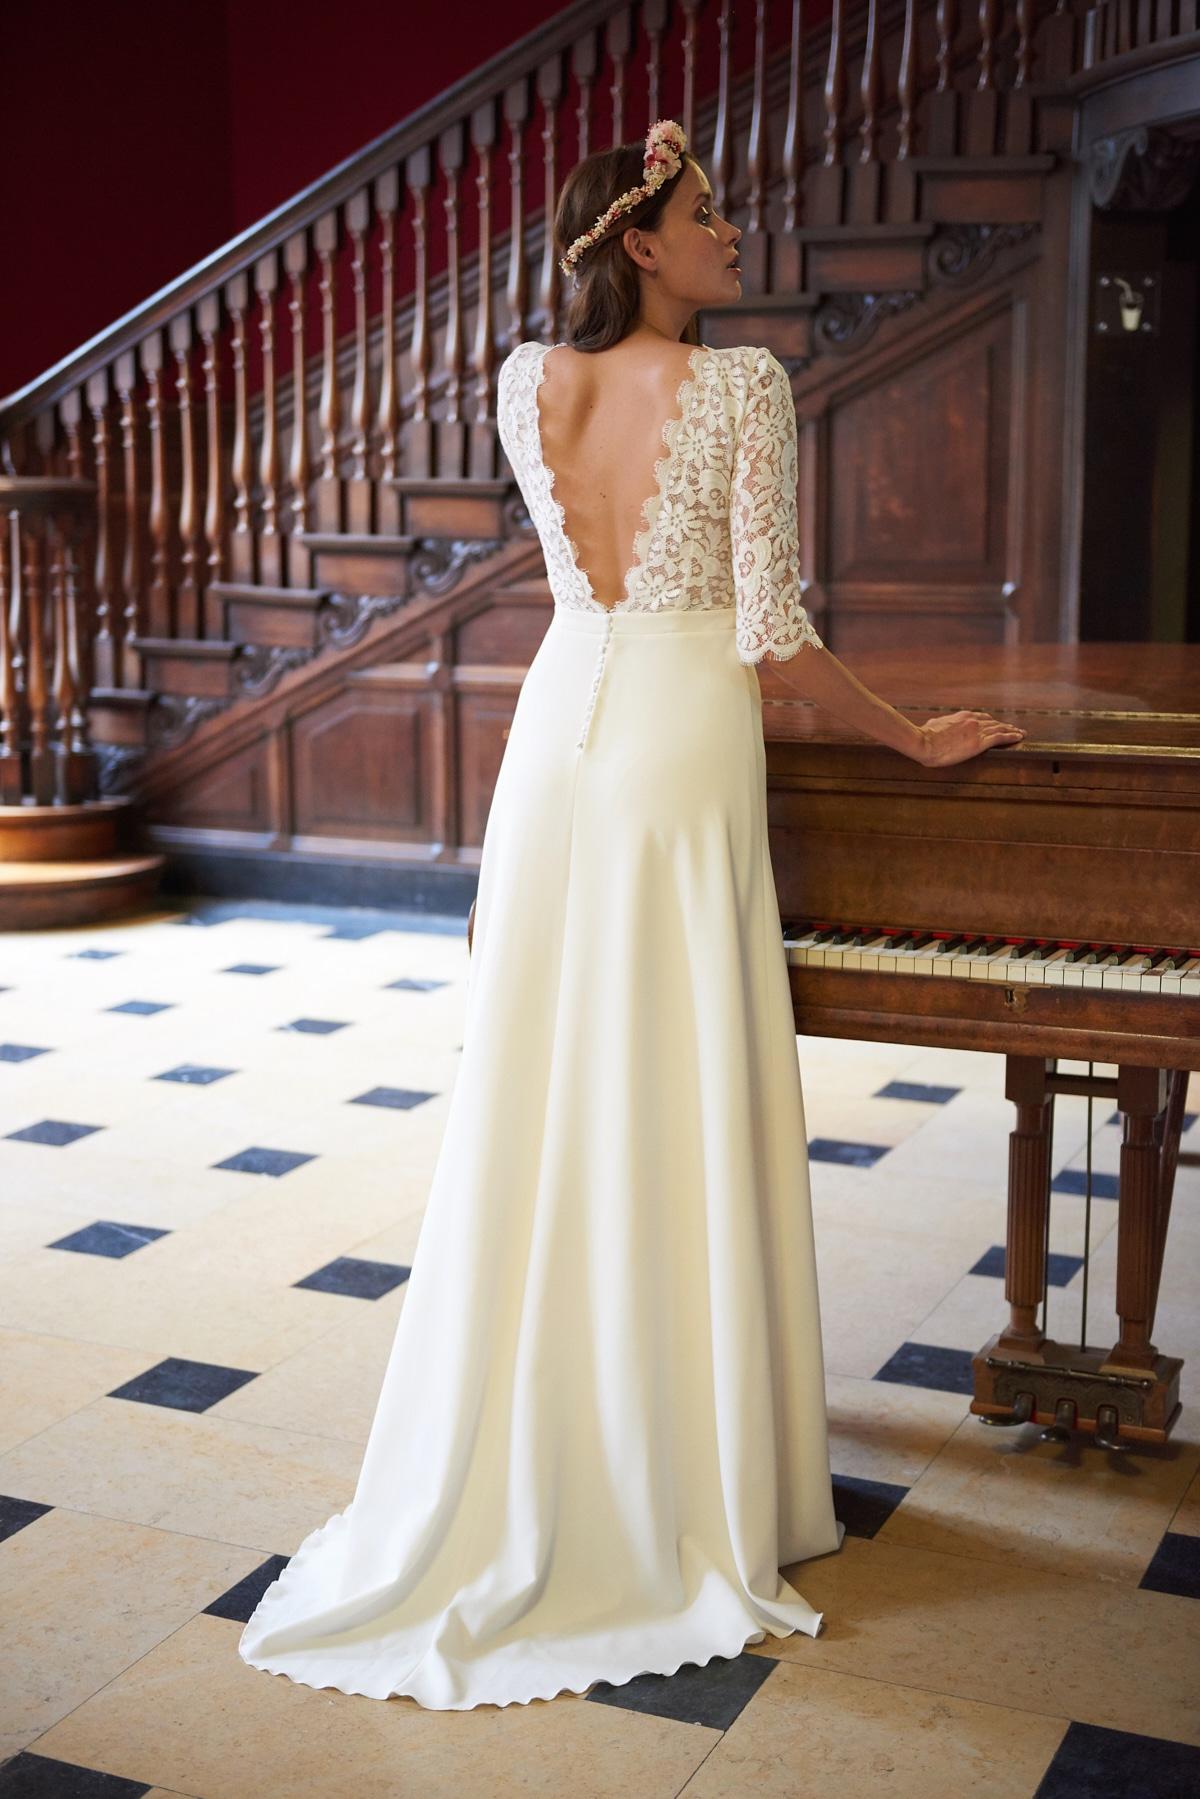 Les plus belles robes de mariée 2020 : Album